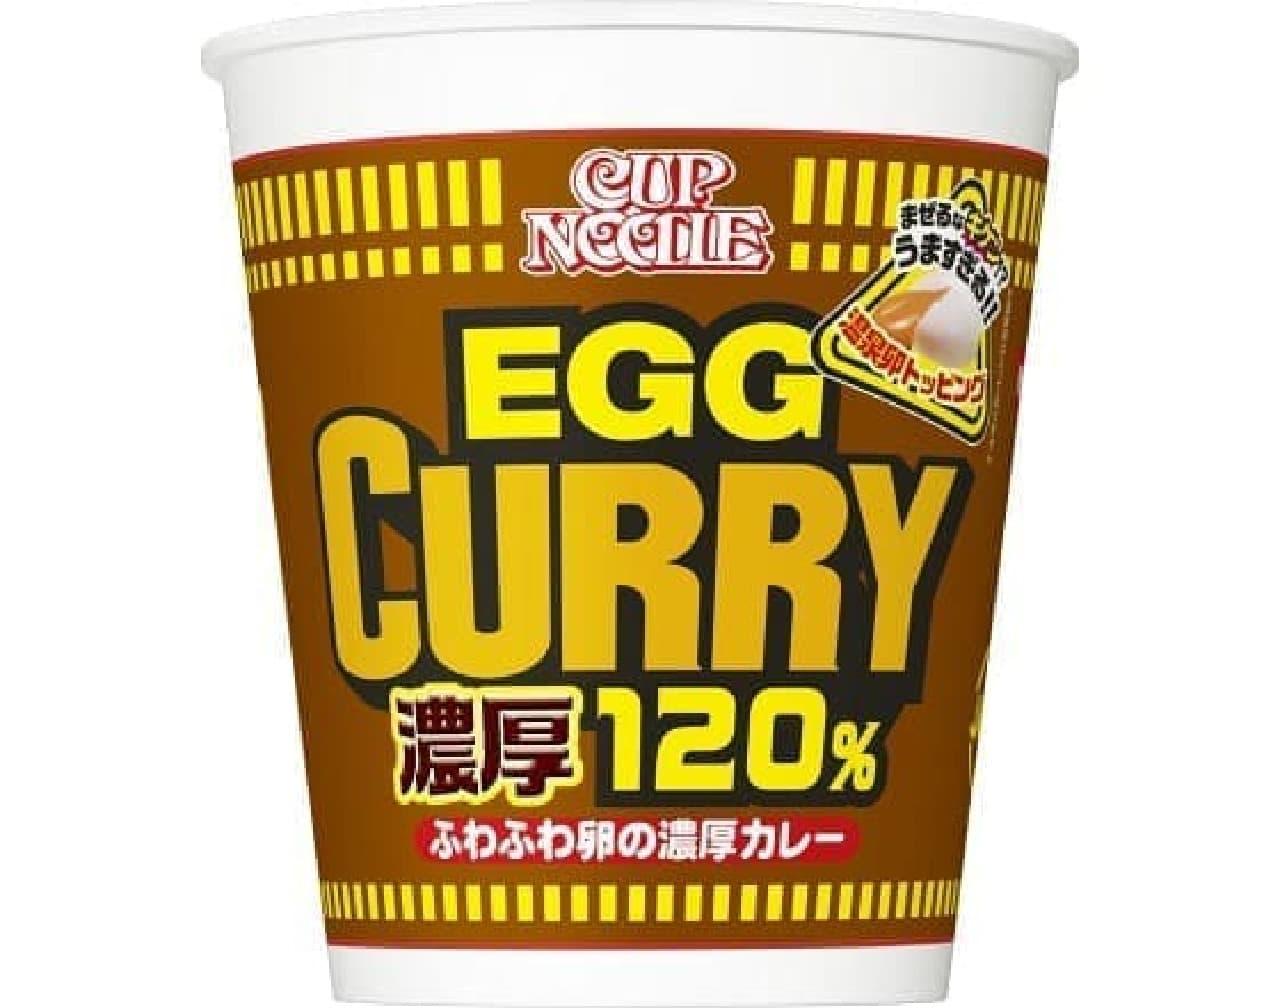 日清食品「カップヌードル エッグカレー ビッグ」